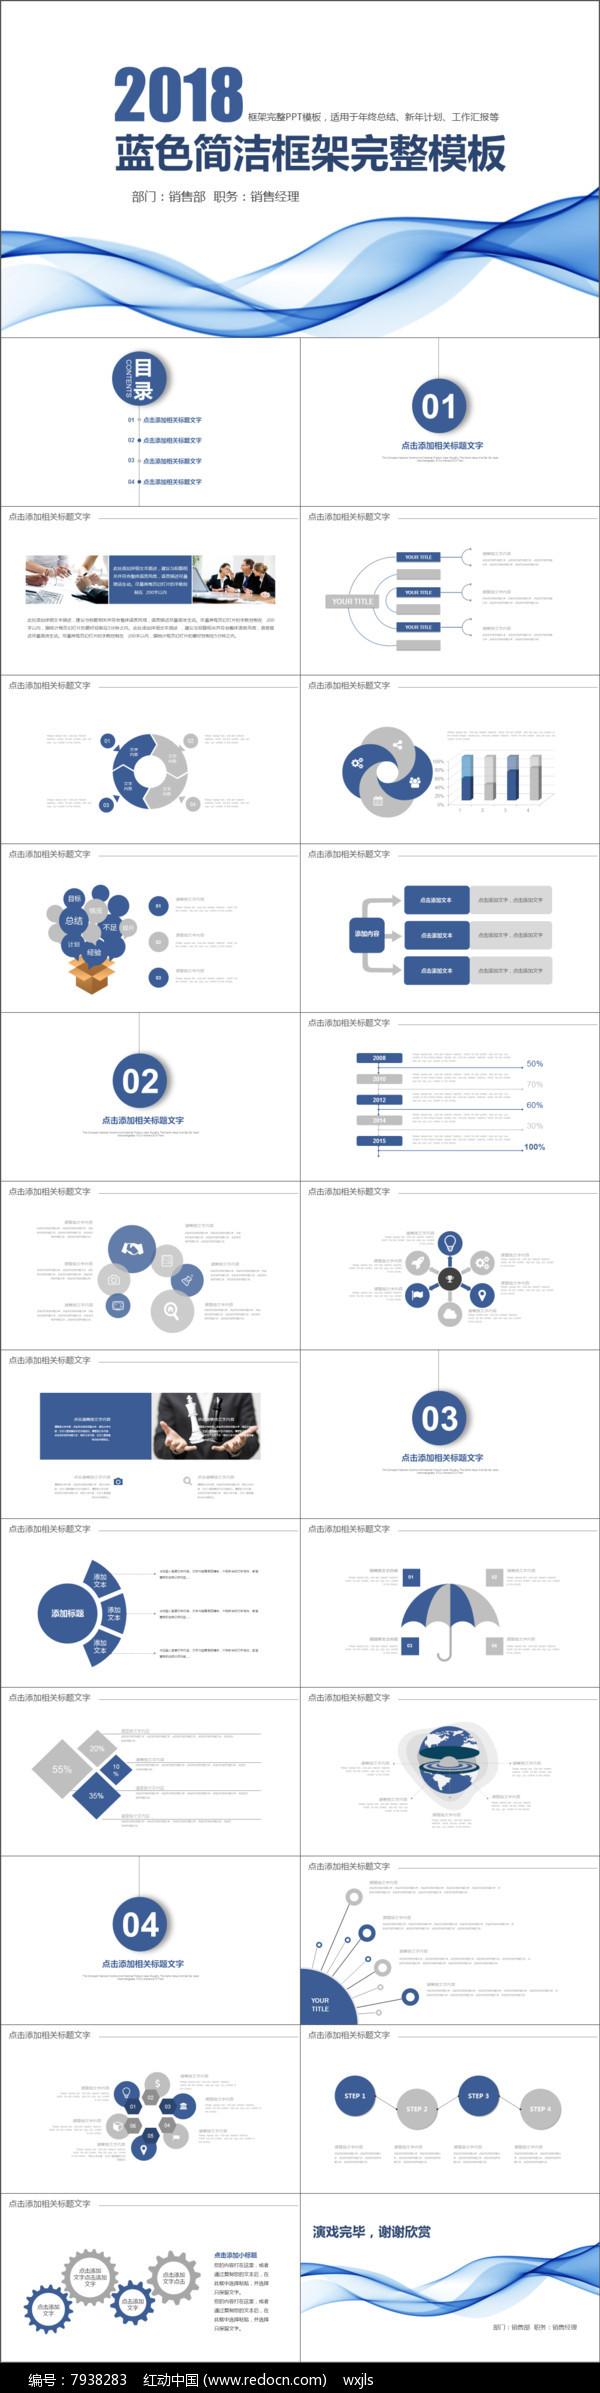 框架完整蓝色简洁商务通用动态ppt模板